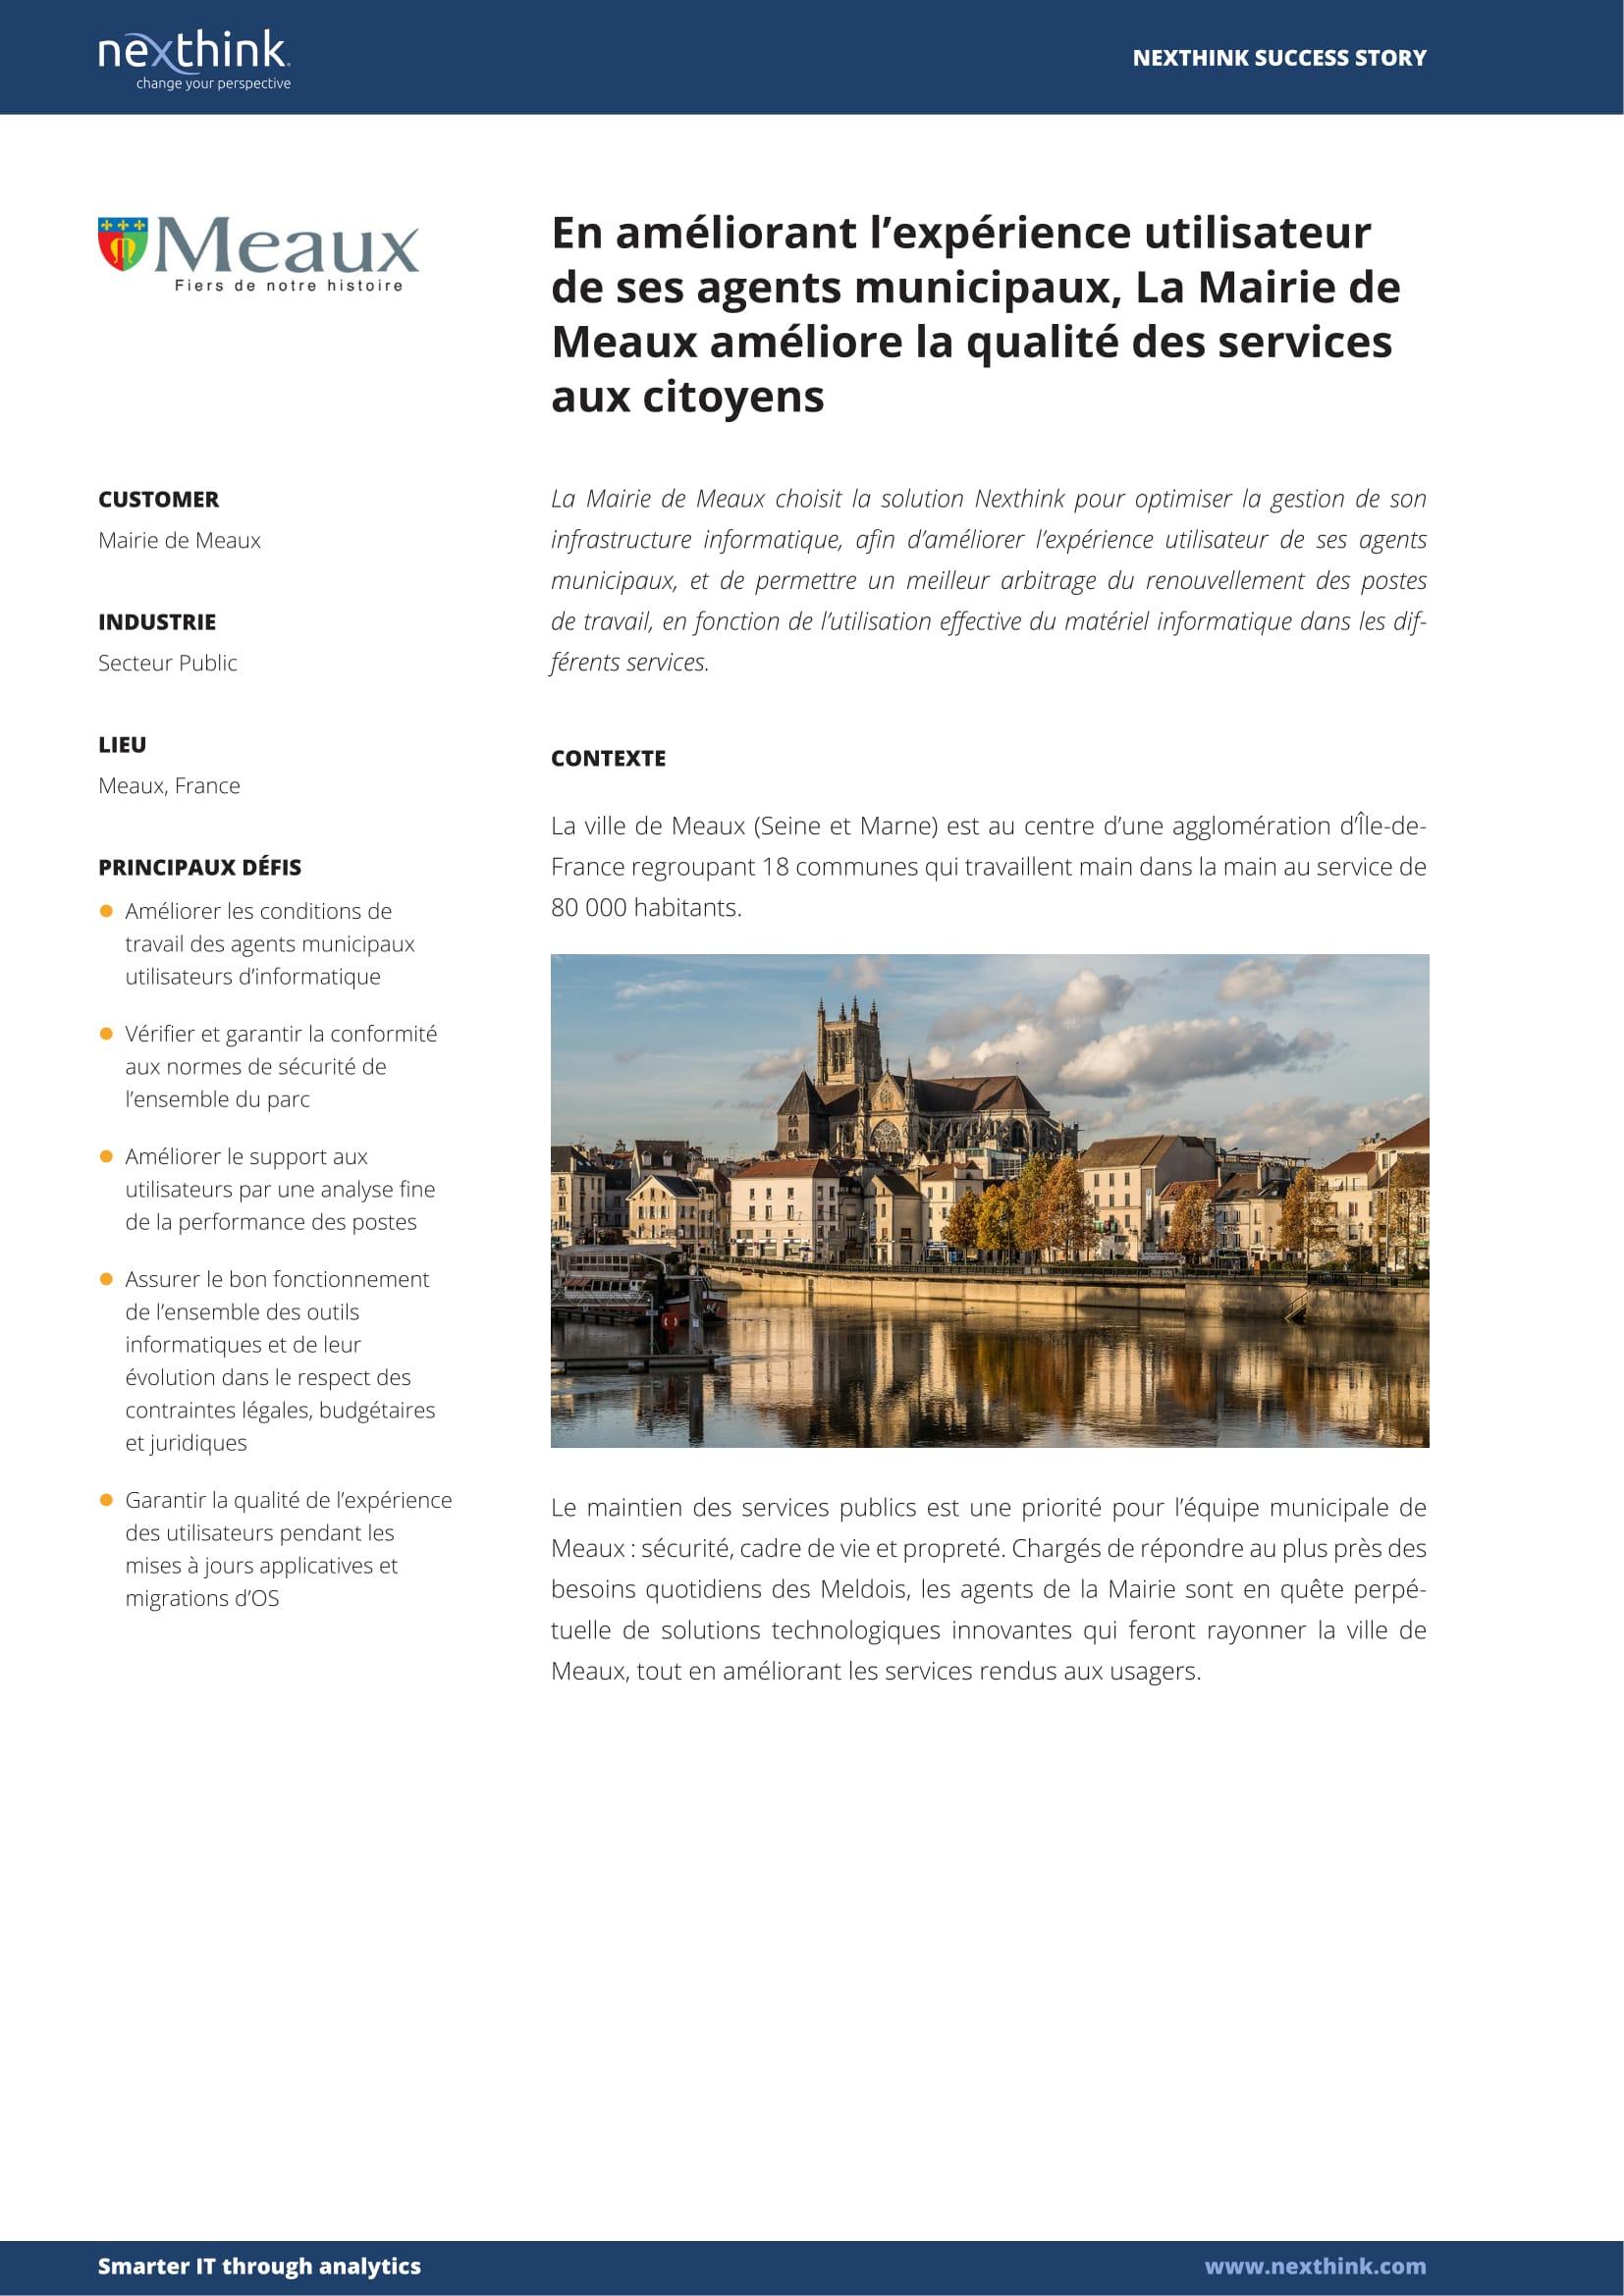 En améliorant l'expérience utilisateur de ses agents municipaux, La Mairie de Meaux améliore la qualité des services aux citoyens